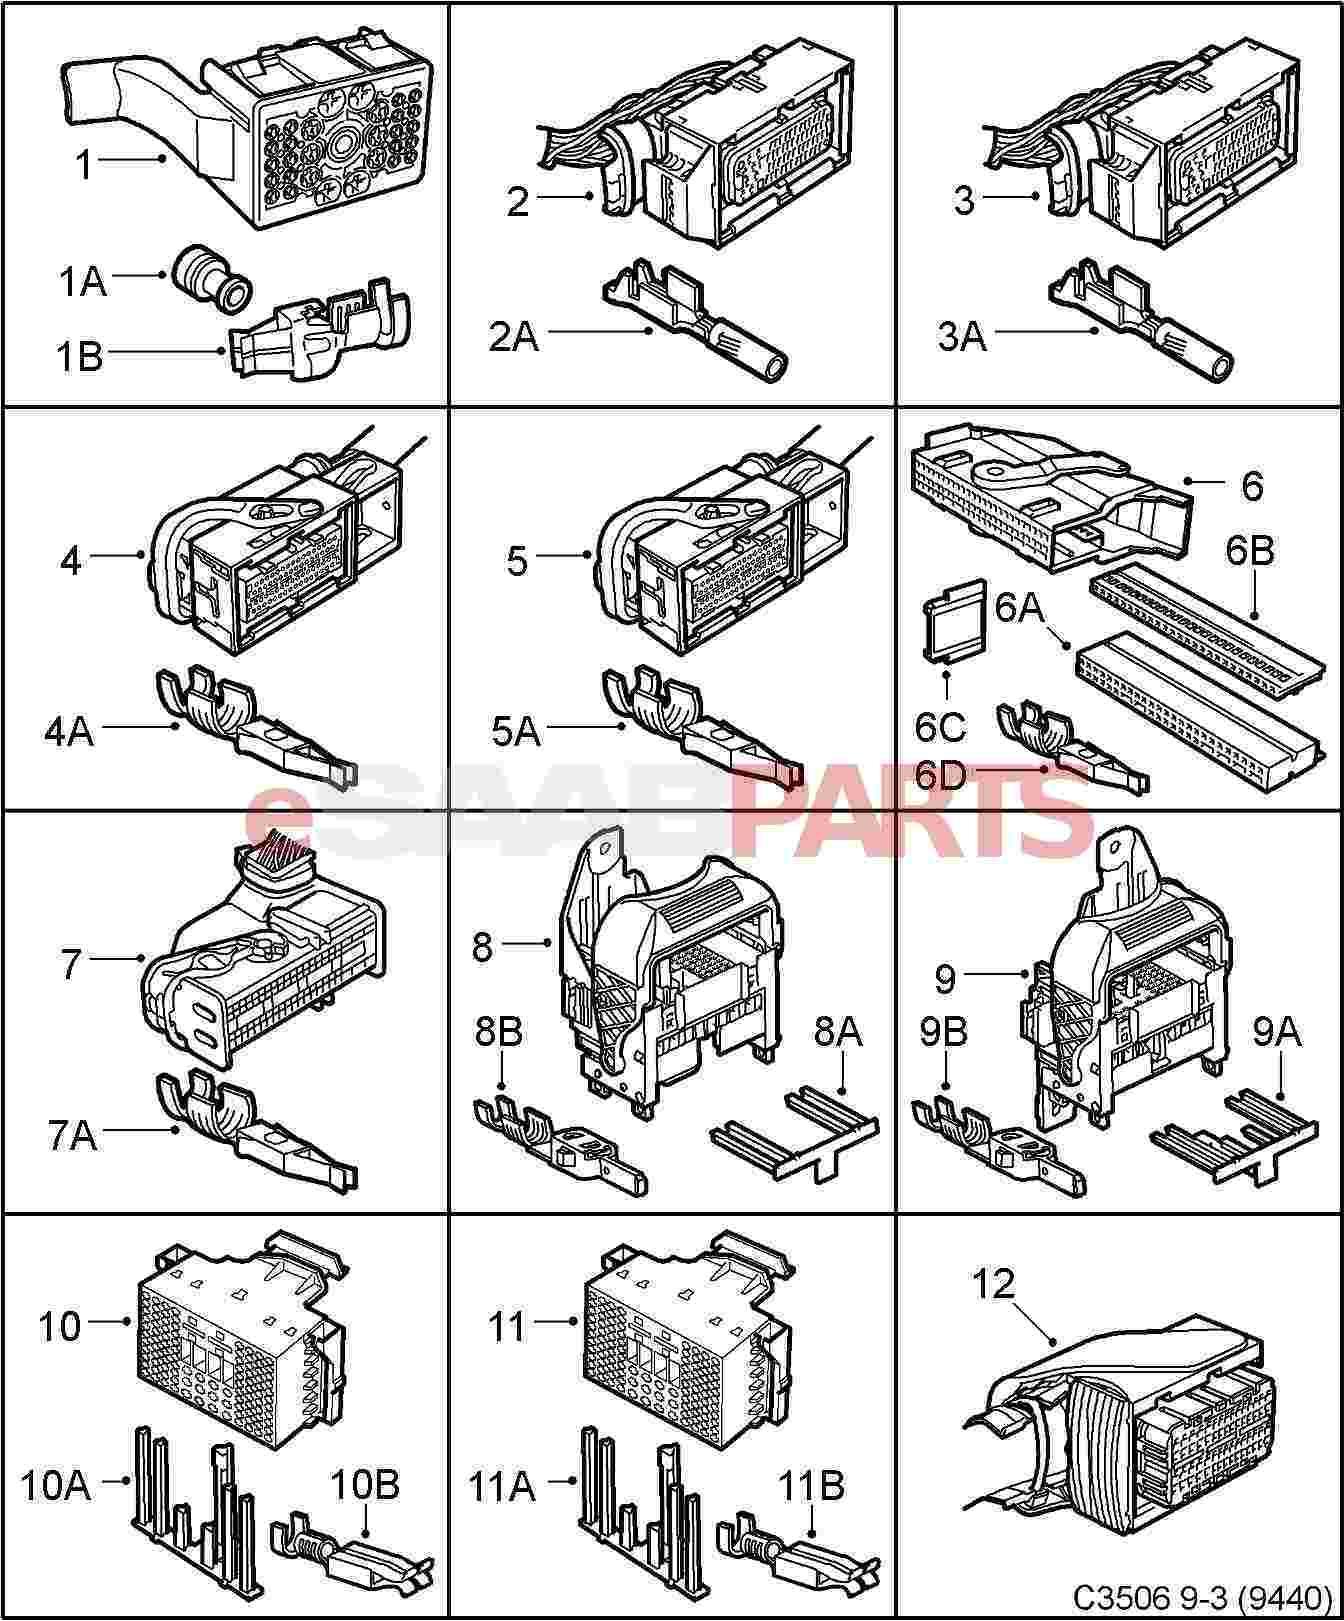 eSaabParts.com - Saab 9-3 (9440) > Electrical: Connector Parts ...